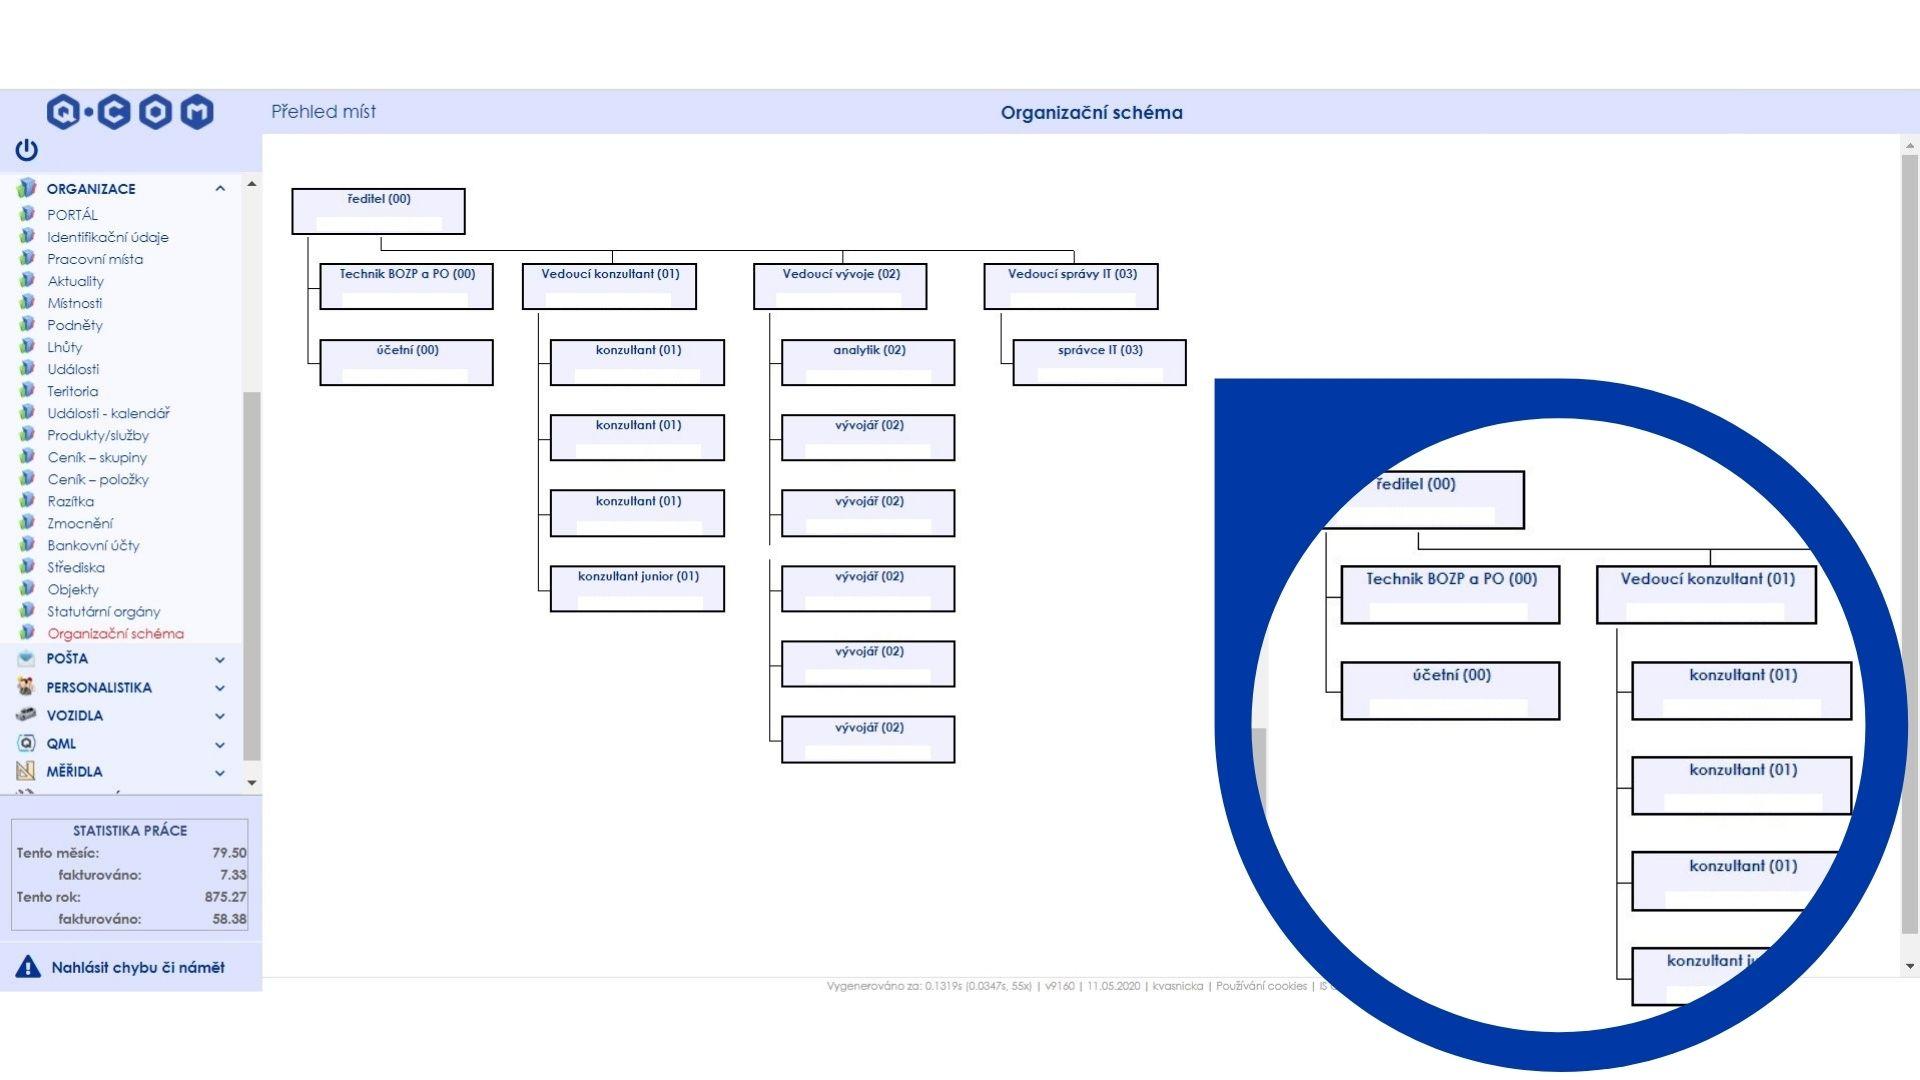 organizační_schéma